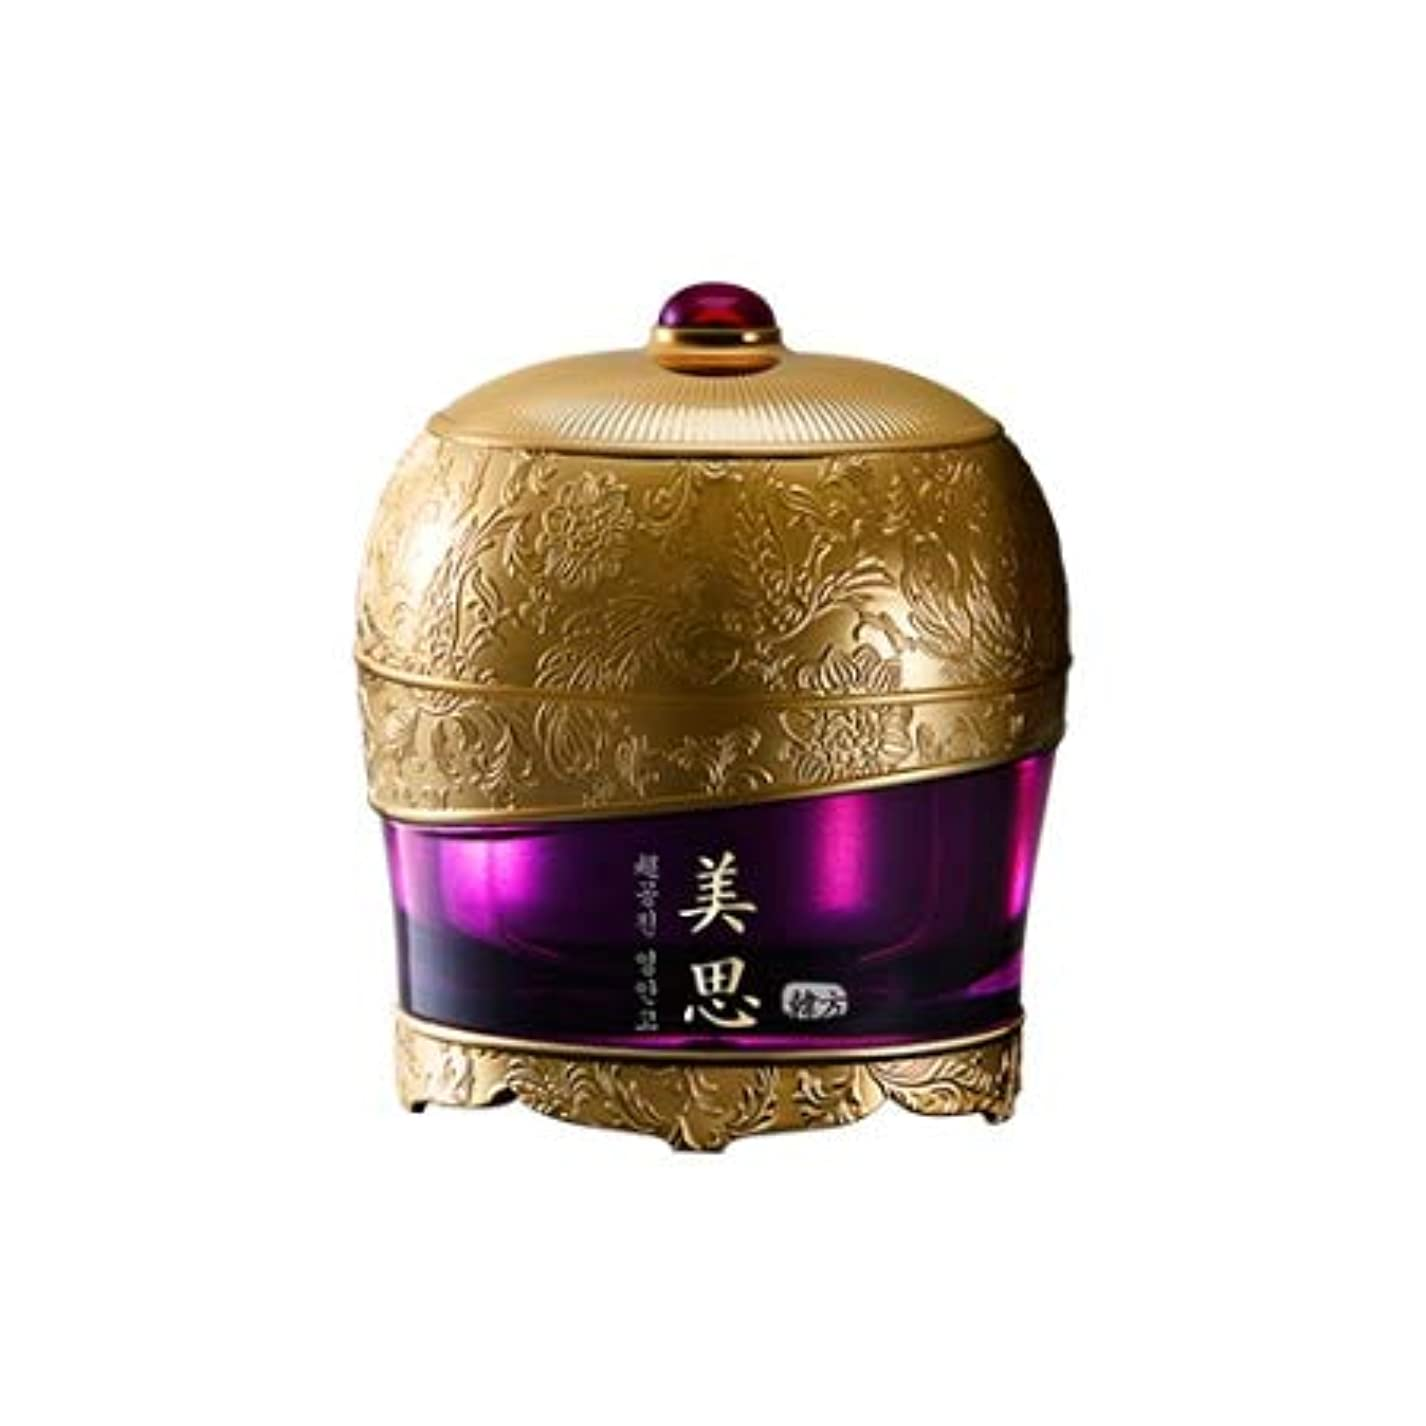 彼の多数の矩形MISSHA Chogongjin Premium cream ミシャ美思超拱辰(チョゴンジン) 永安膏 クリーム クリーム 60ml [並行輸入品]